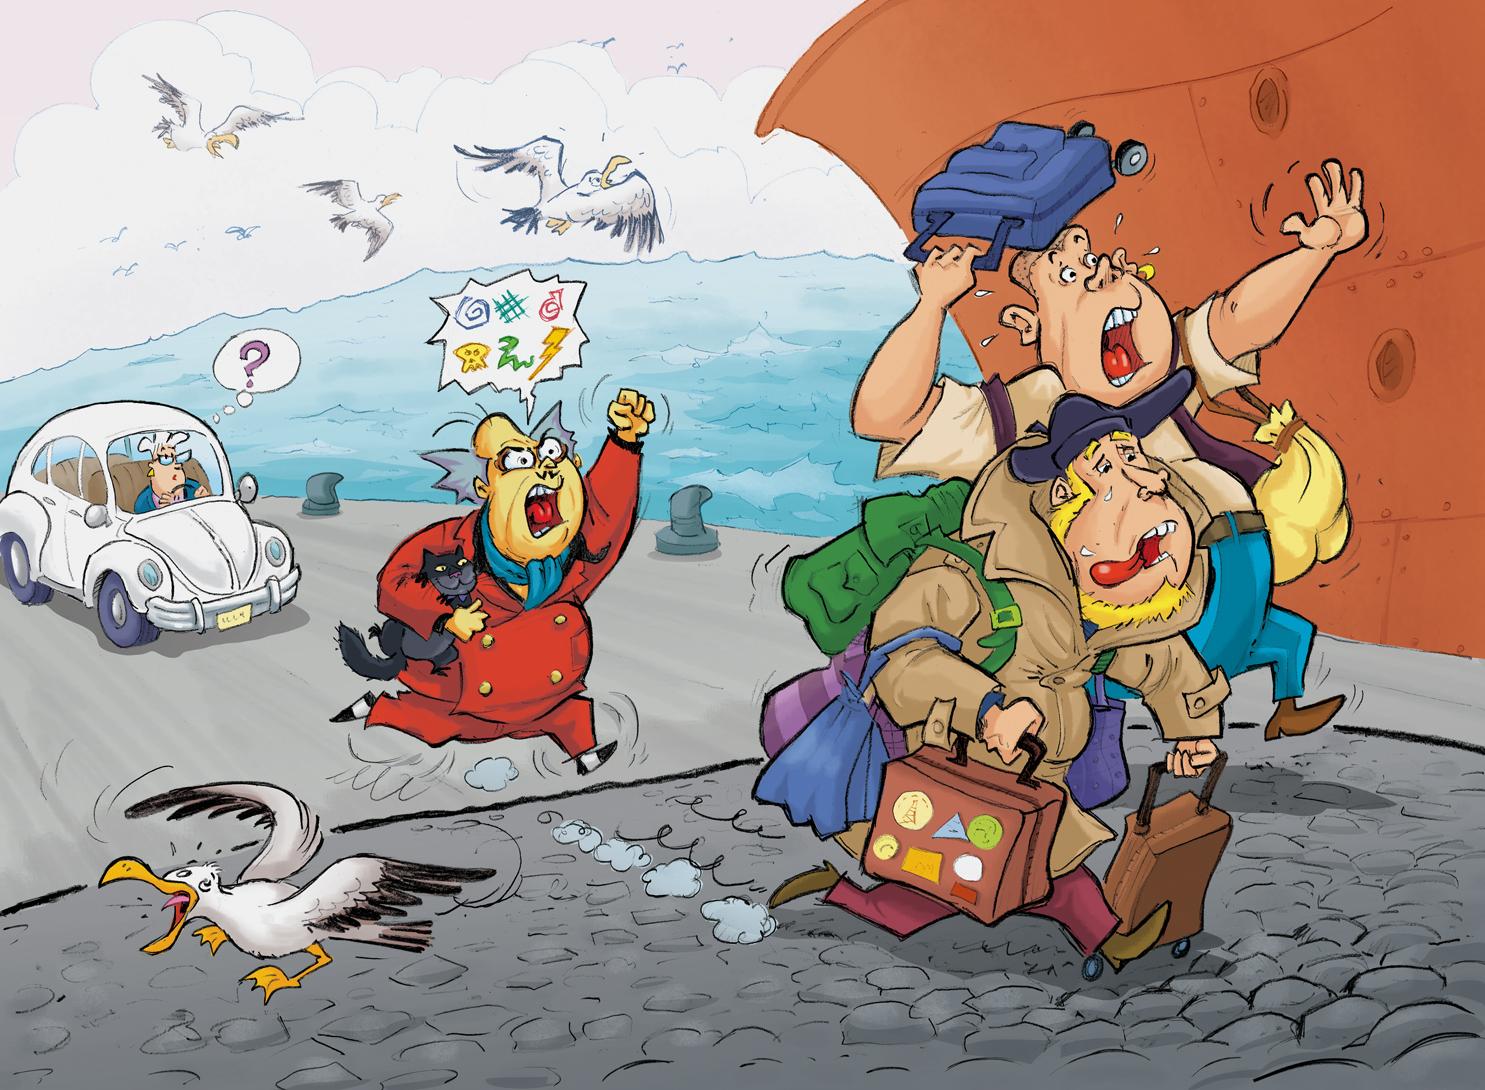 Las Increíbles Aventuras de la Pandilla Clik/The Incredible Adventures of the Clik Gang